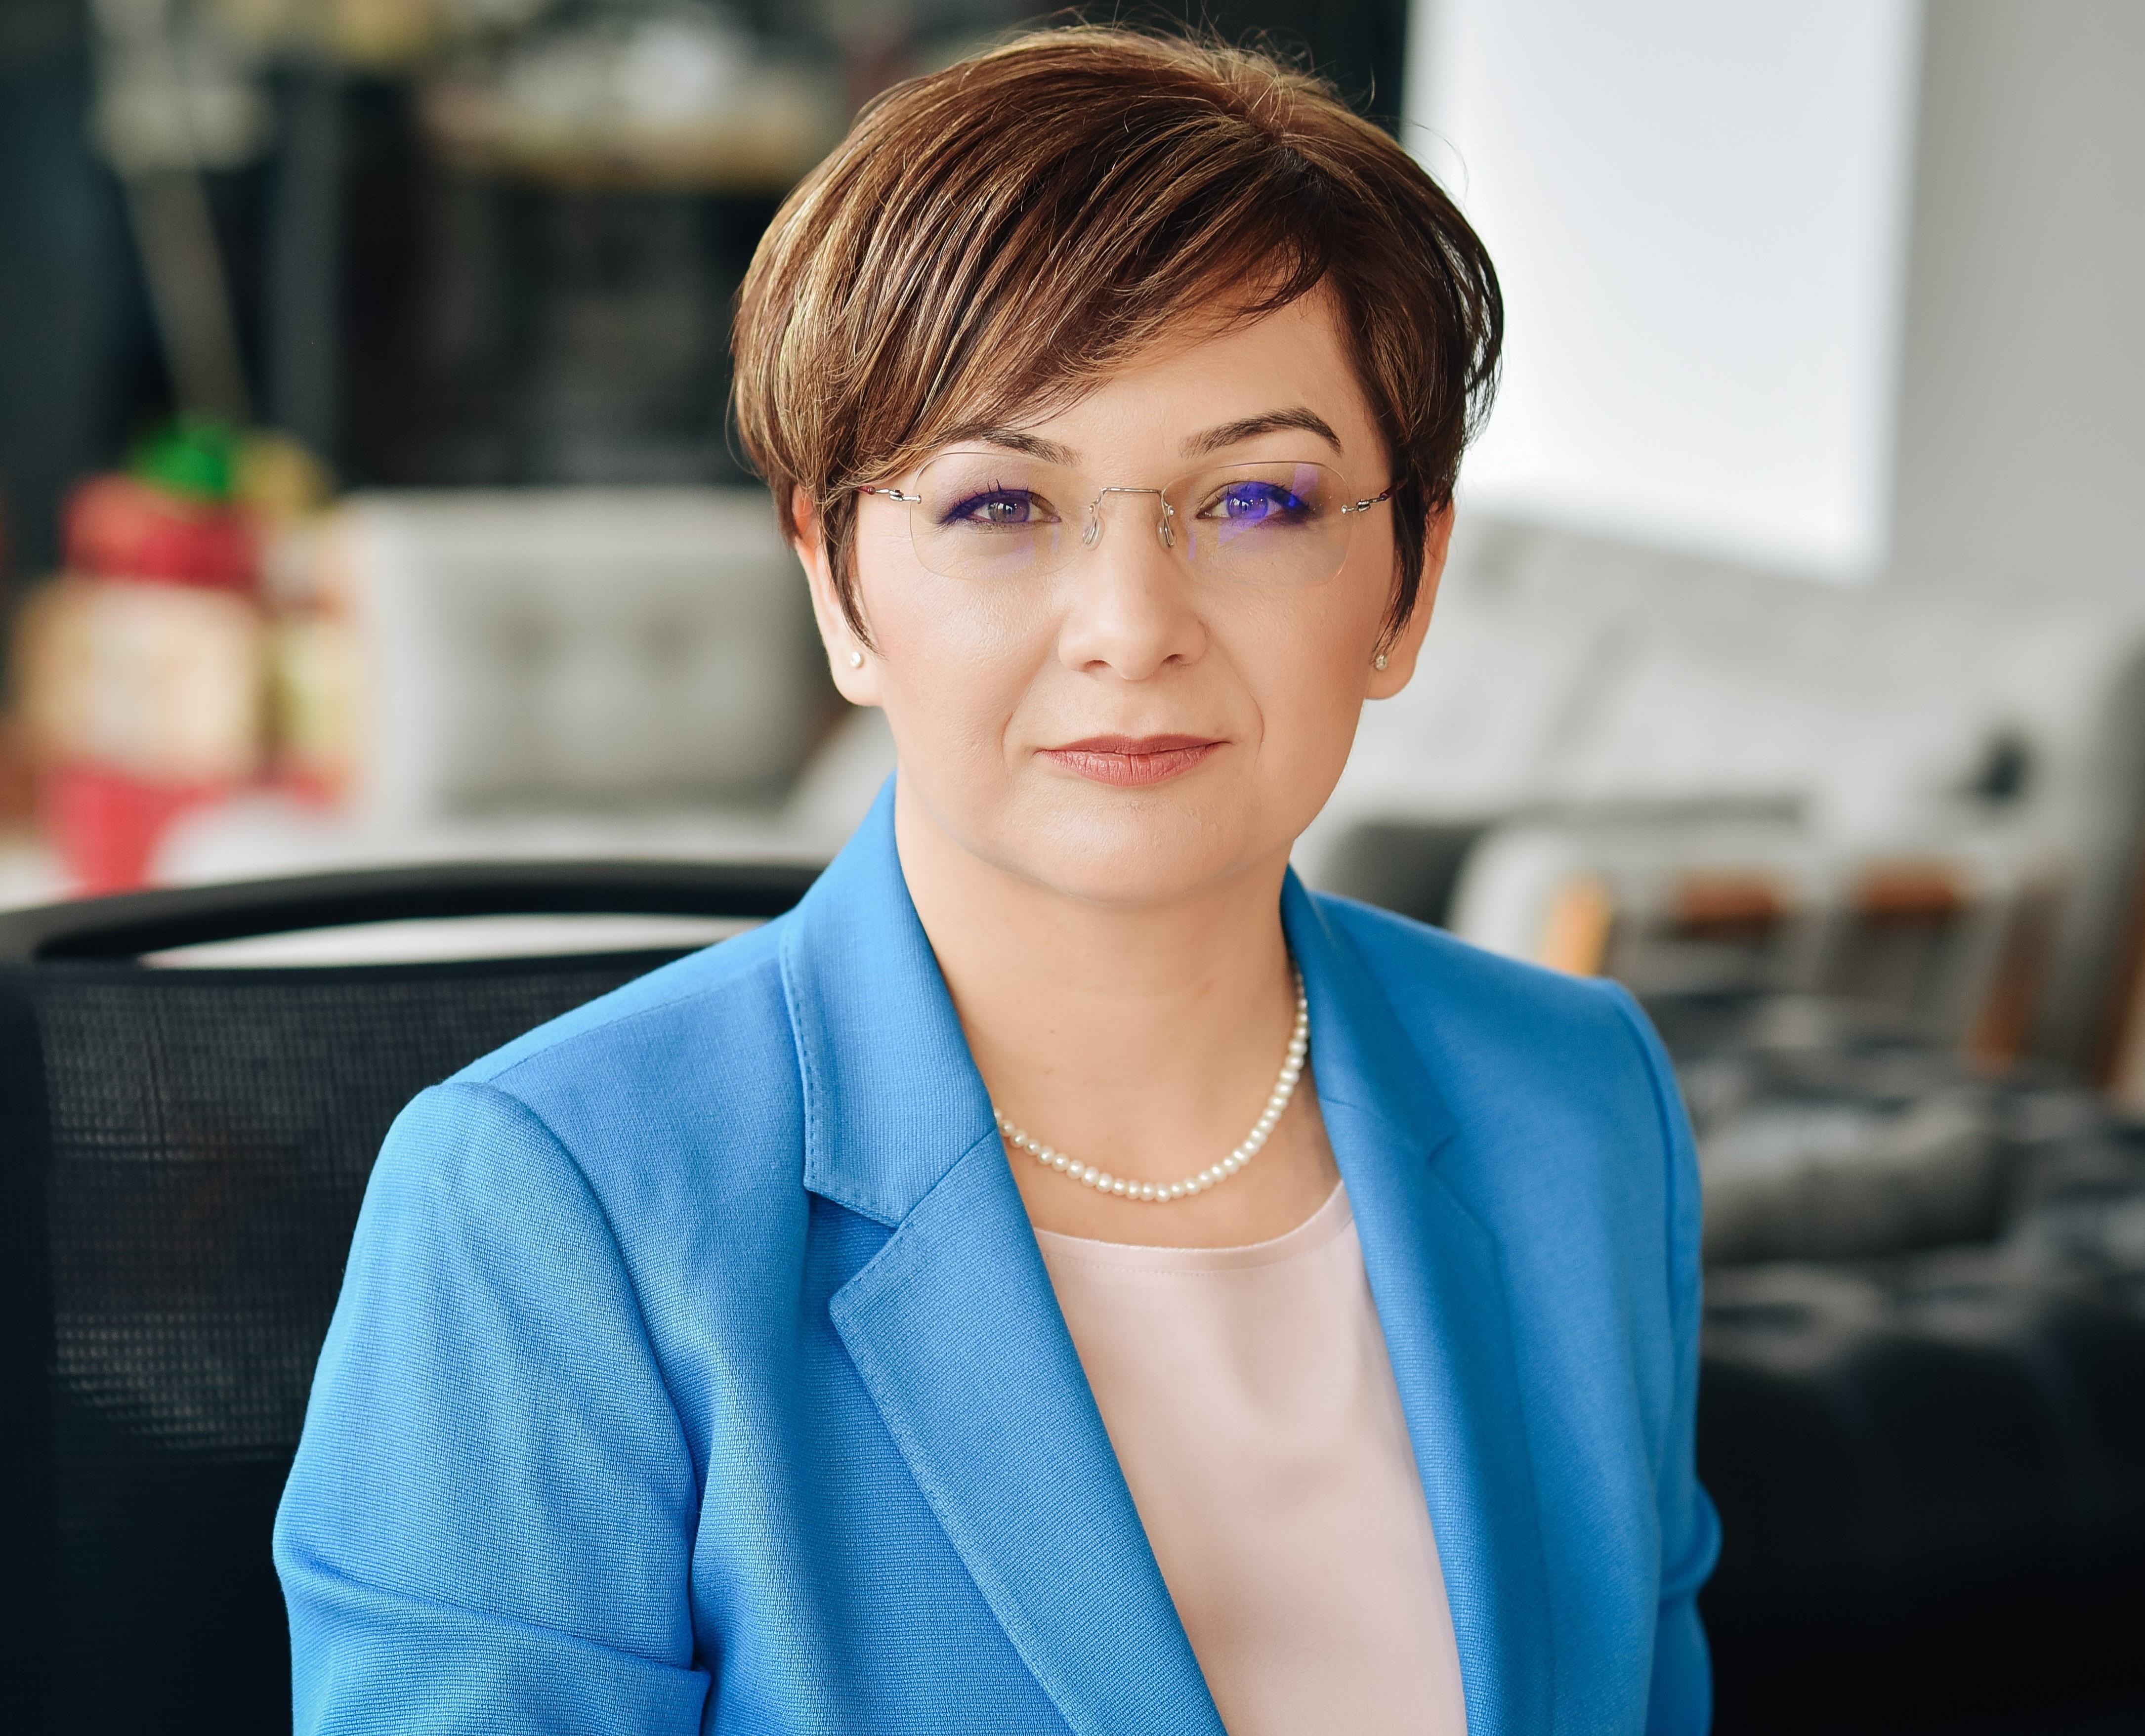 Cristiana Fernbach înființează prima casă de avocatură din România dedicată 100% noilor tehnologii